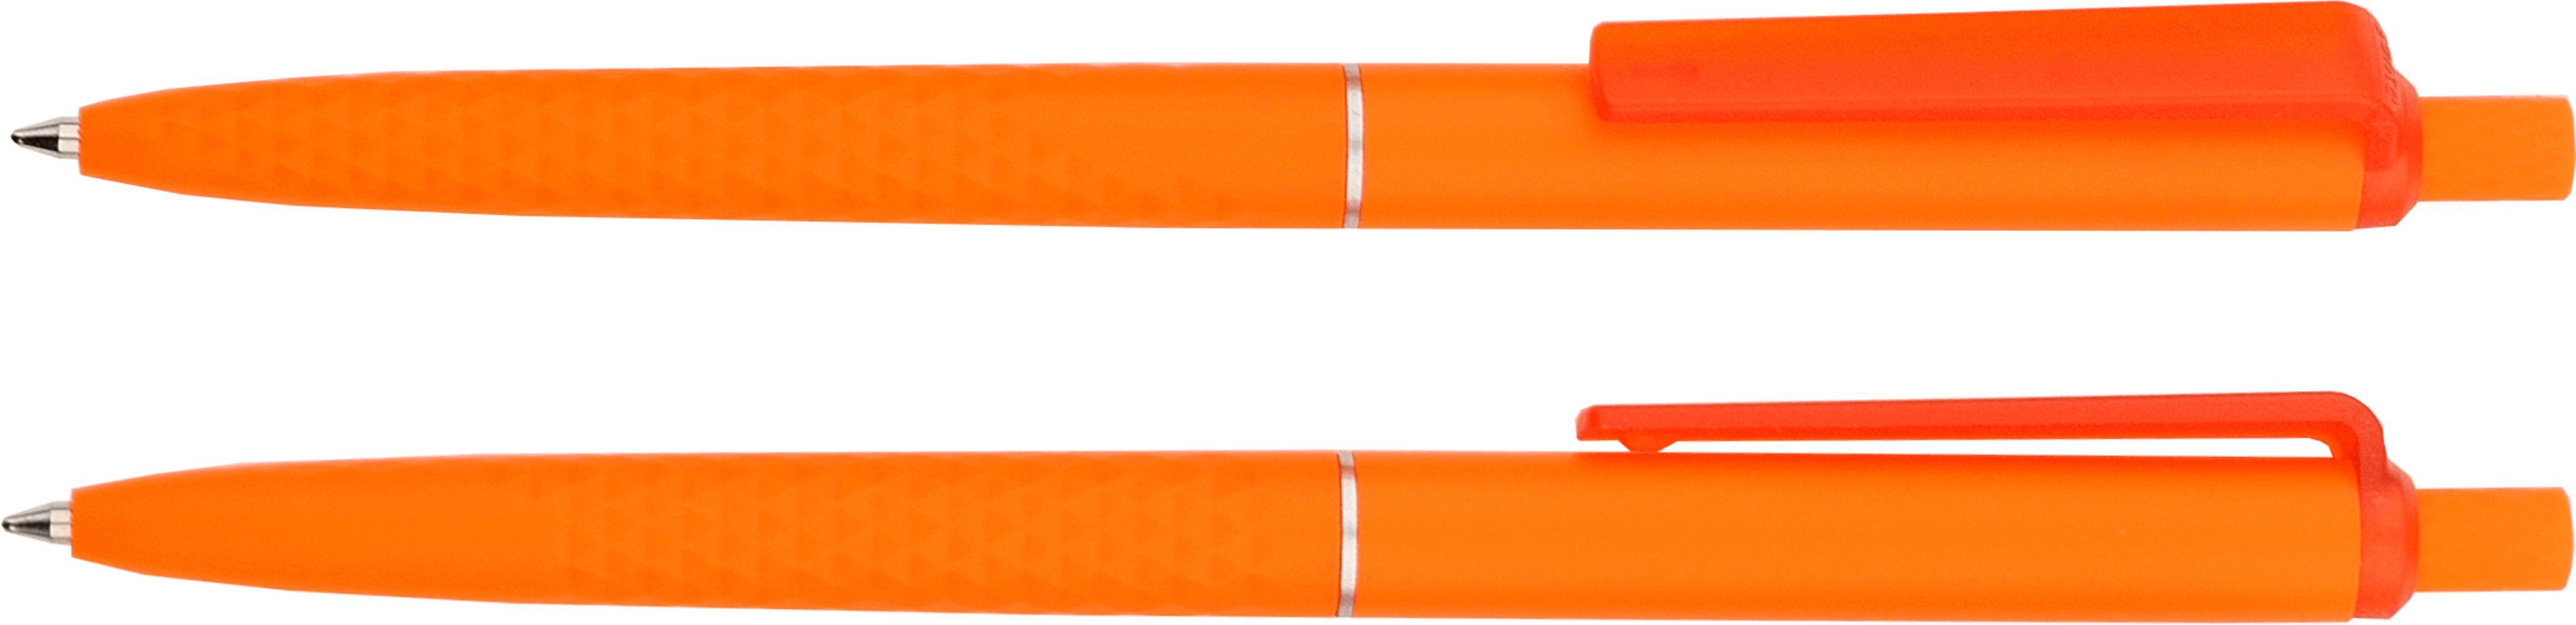 пластиковые ручки с soft touch покрытием